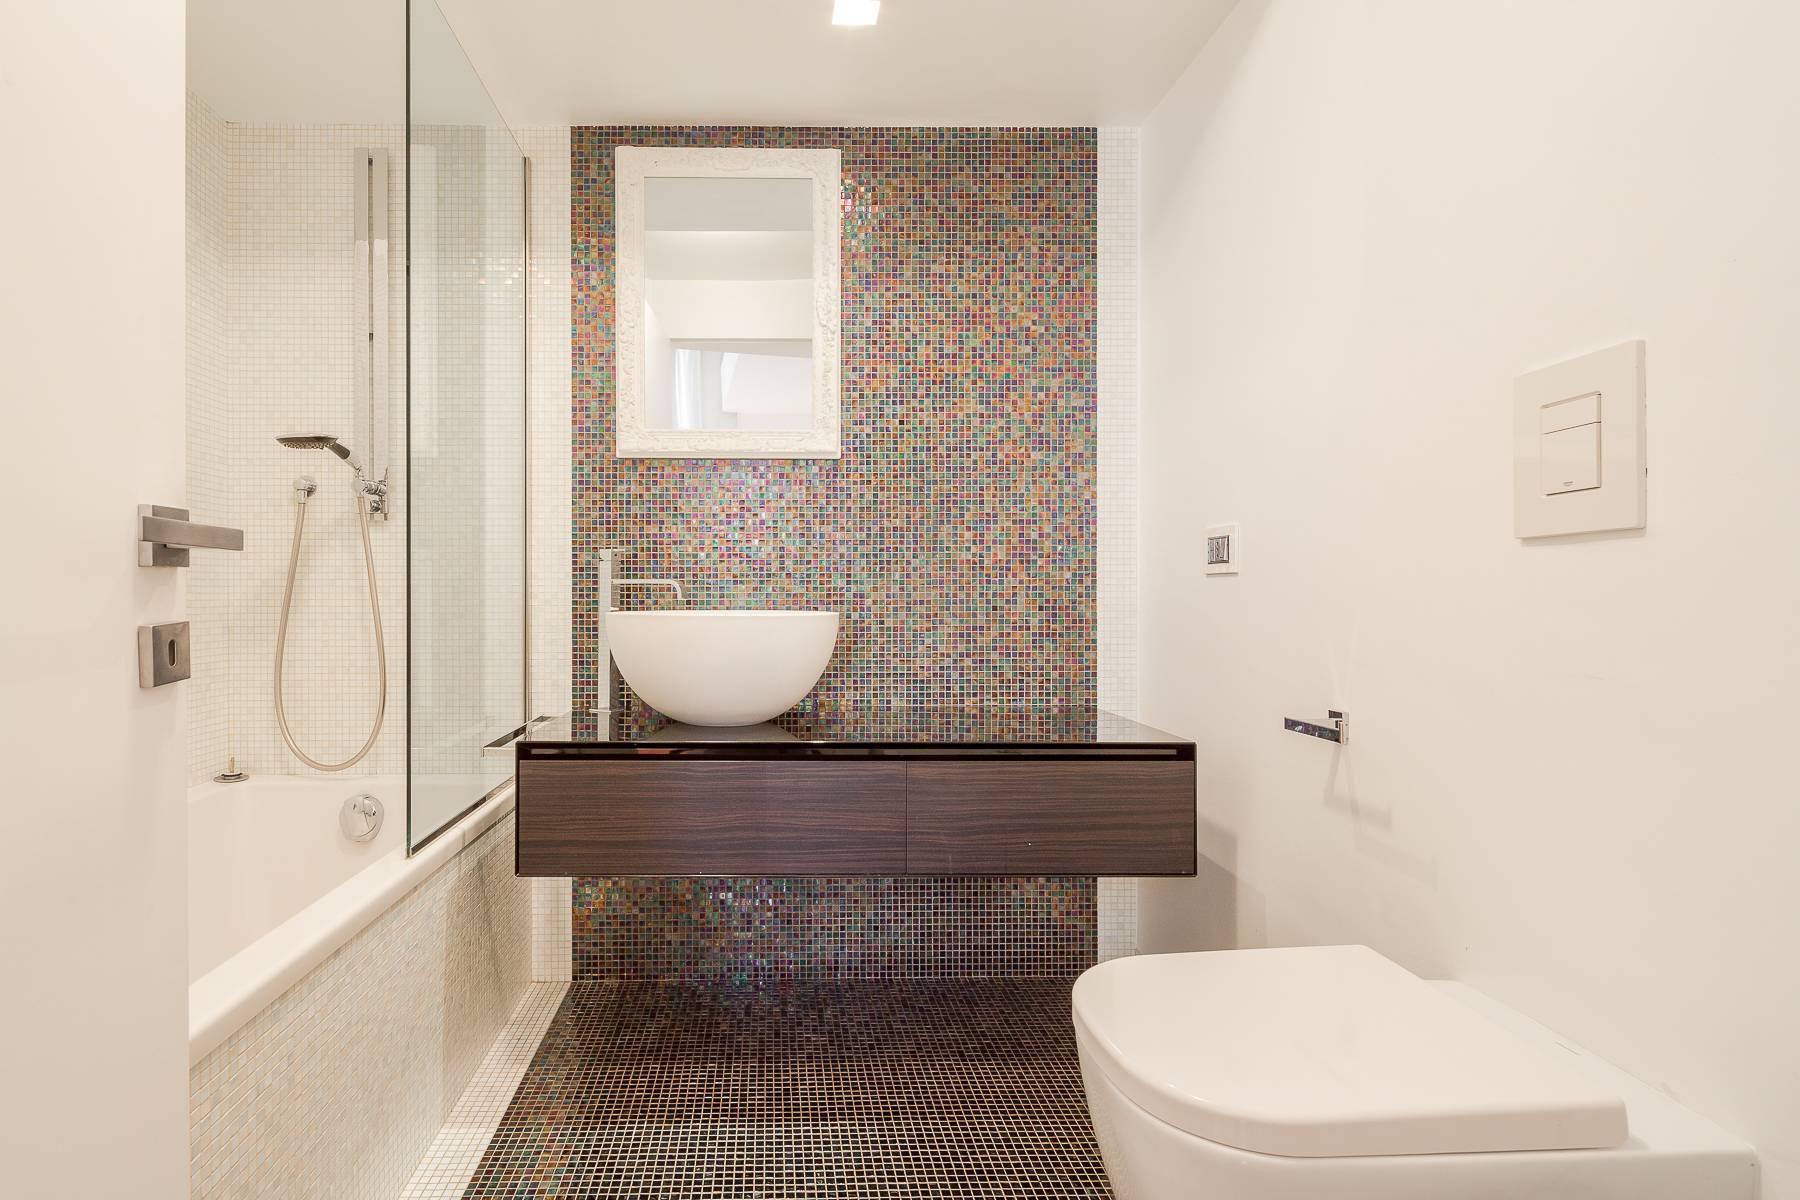 位于布雷拉区Via Montebello与De Marchi交汇处的公寓/复式 - 18